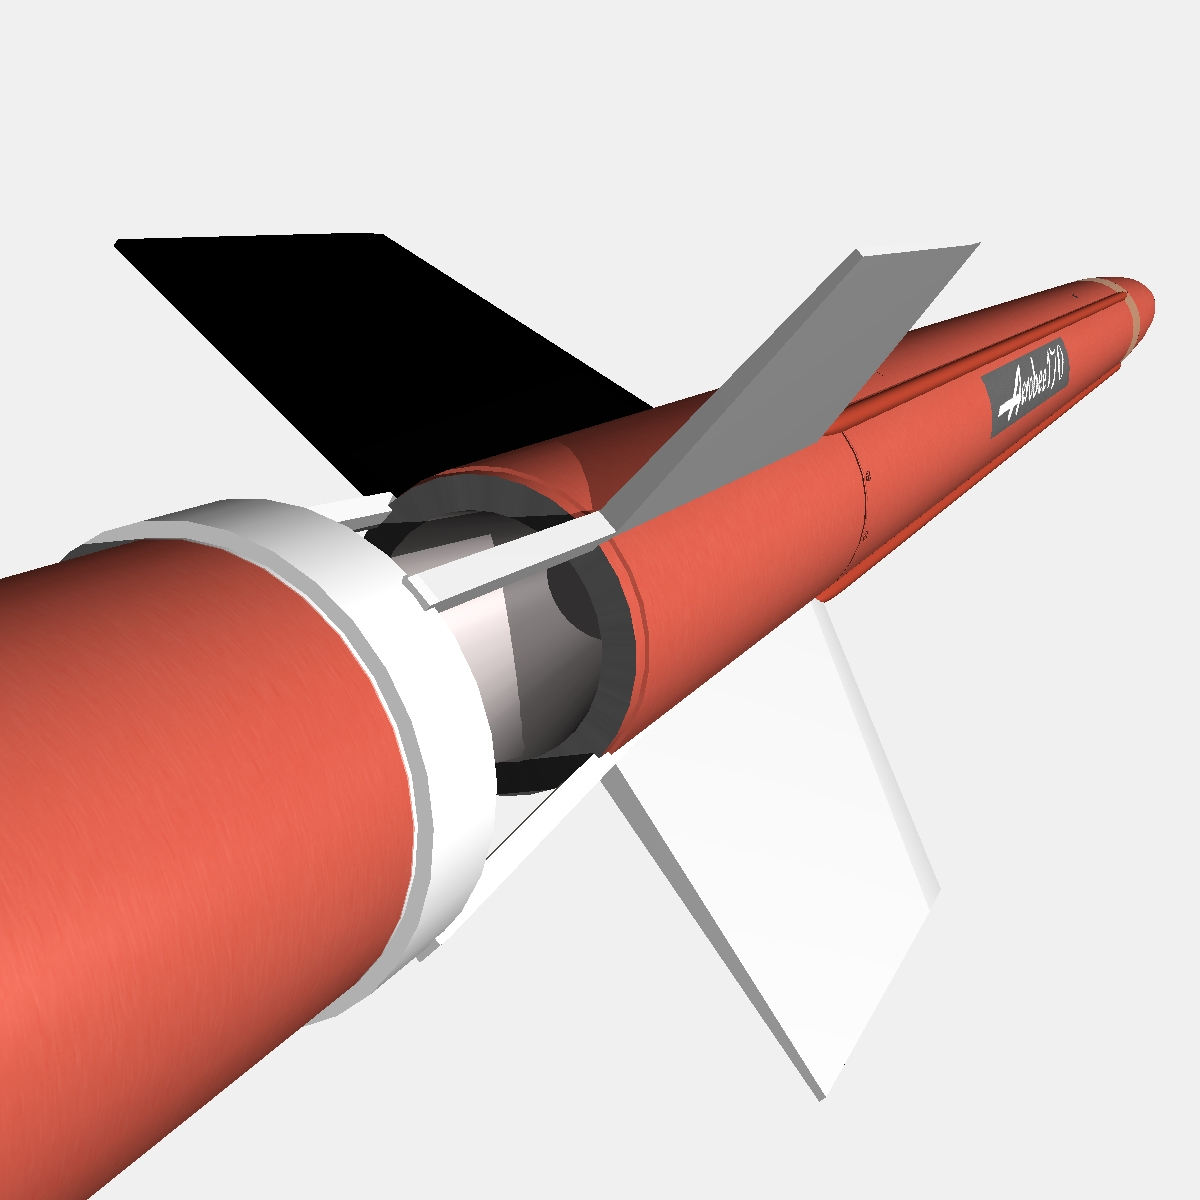 aerobee 170 raķete 3d modelis 3ds dxf fbx blend cob dae x obj 166040